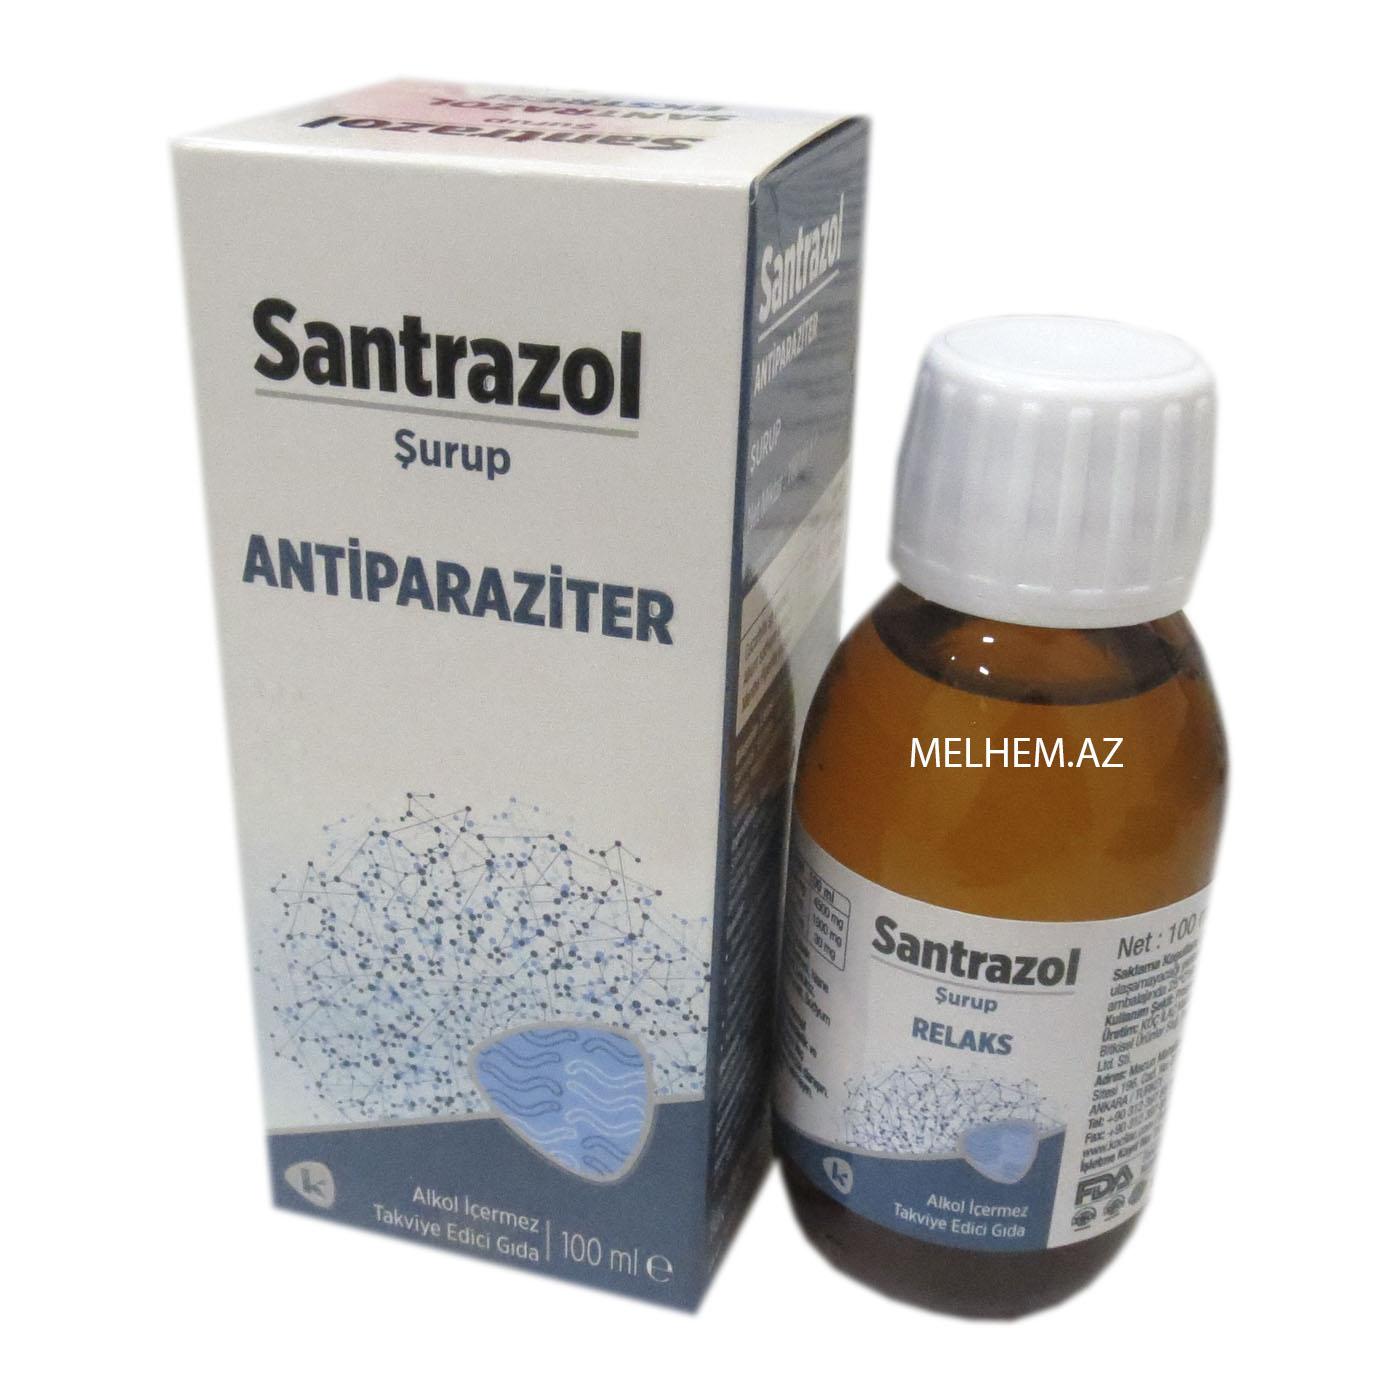 SANTRAZOL